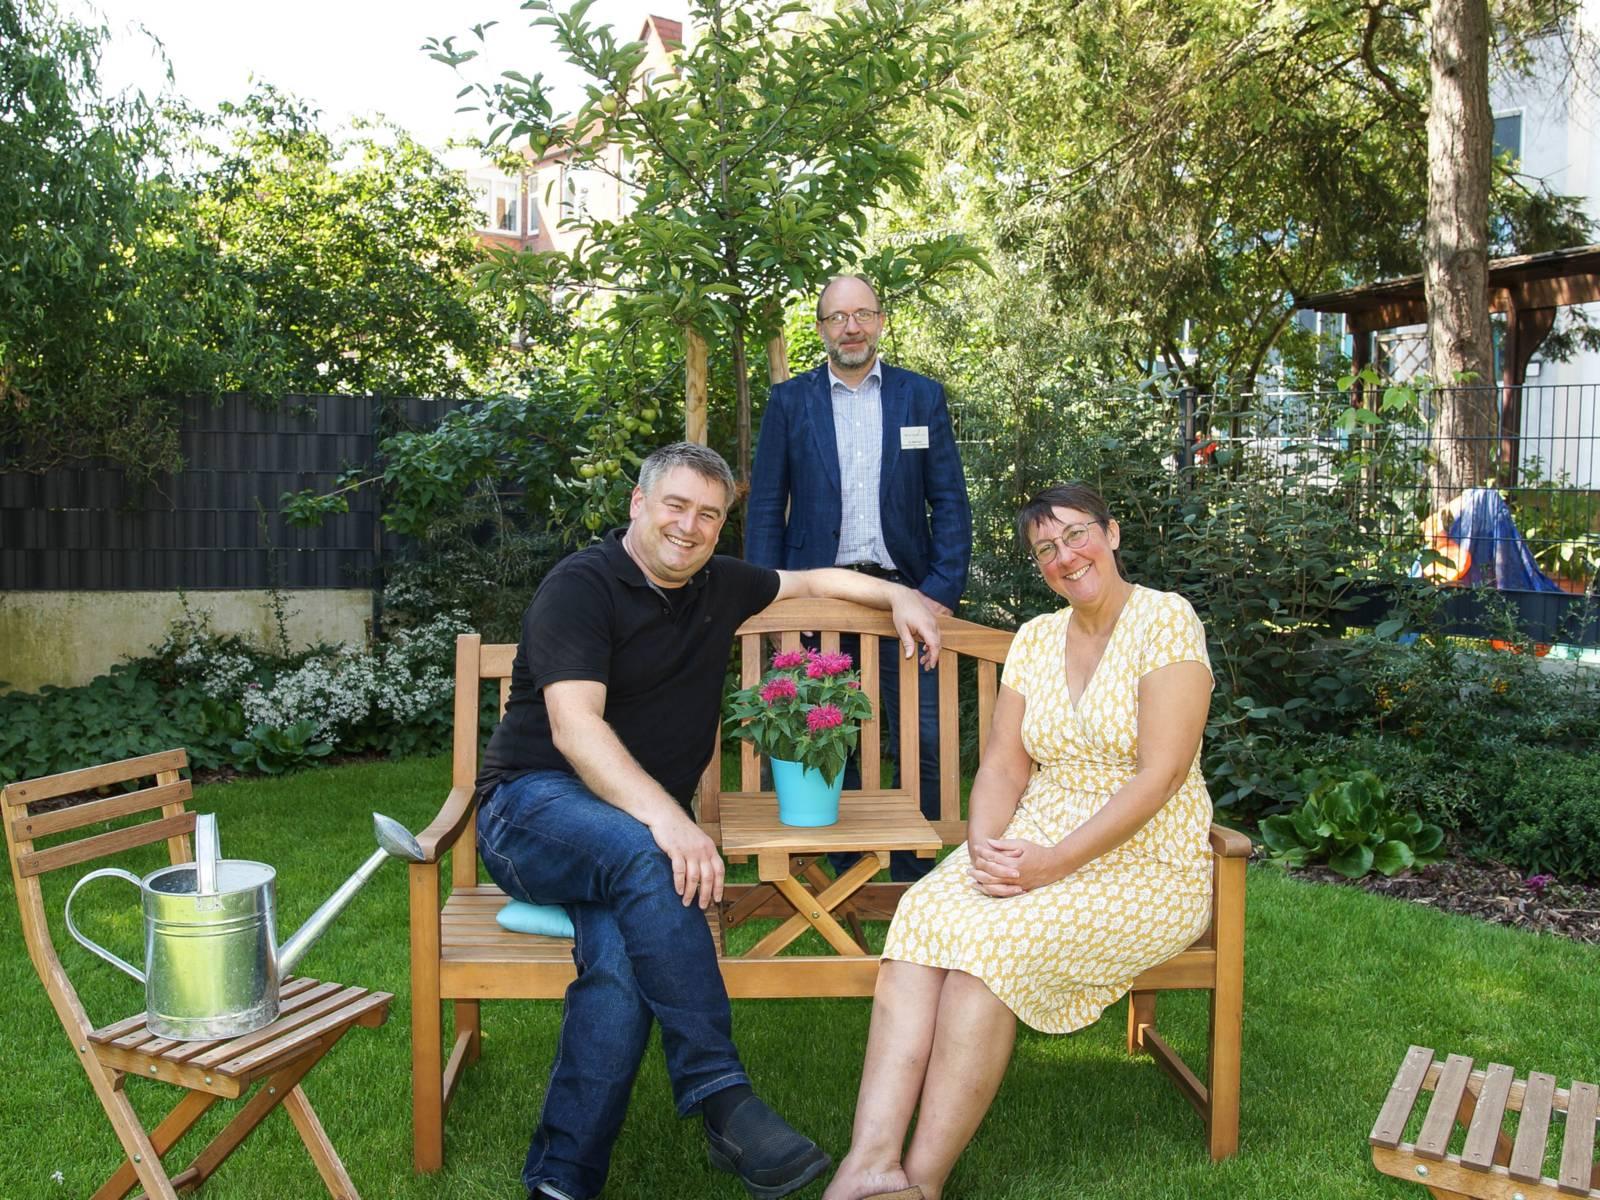 Drei lächelnde Personen in einem Garten.